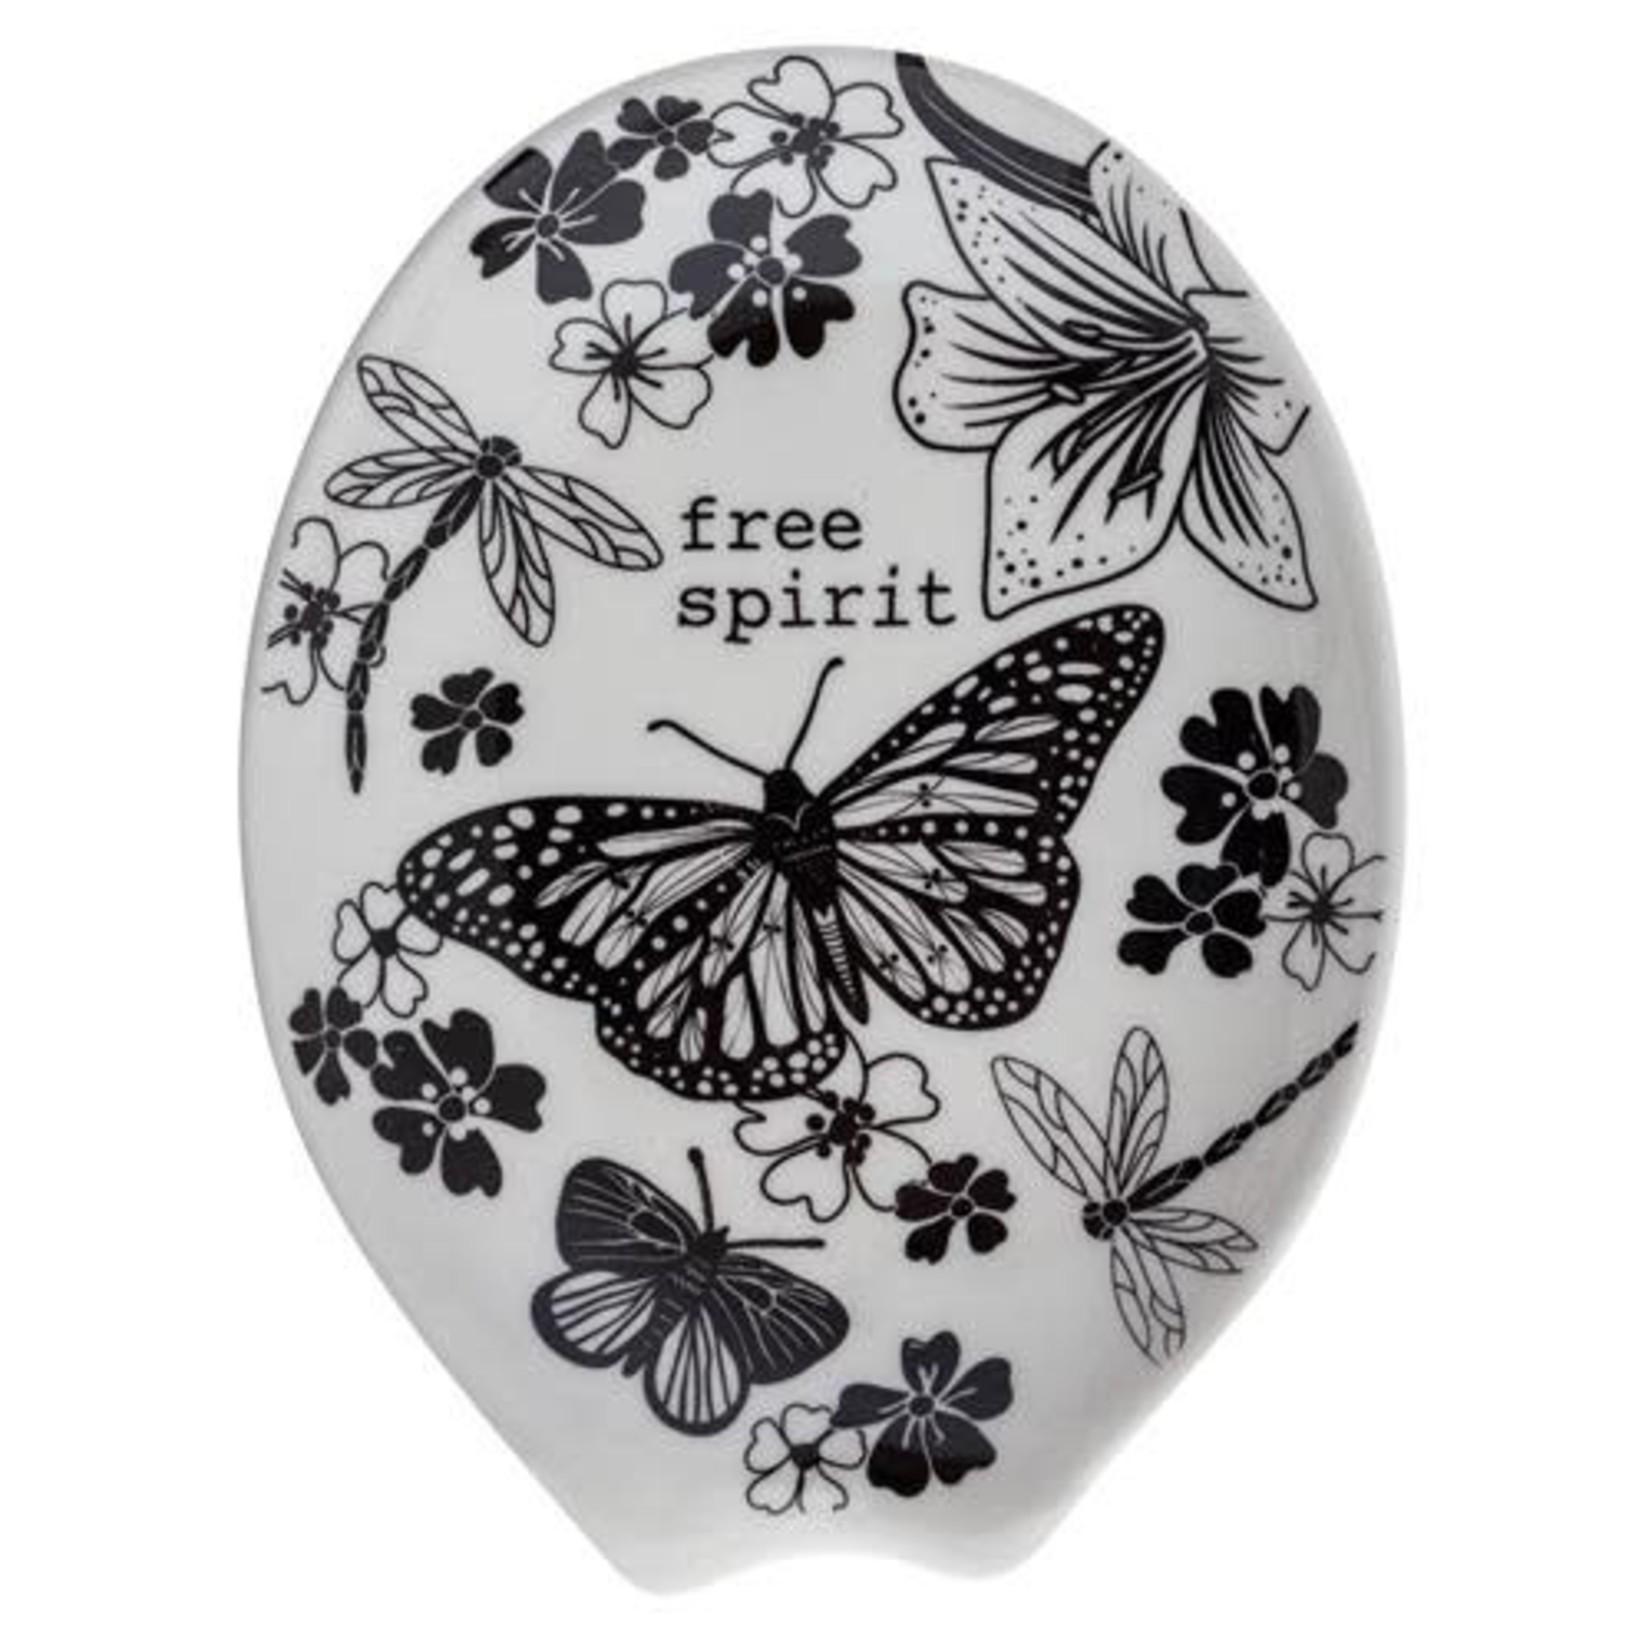 Karma Boho B/W Ceramic Spoon Rest